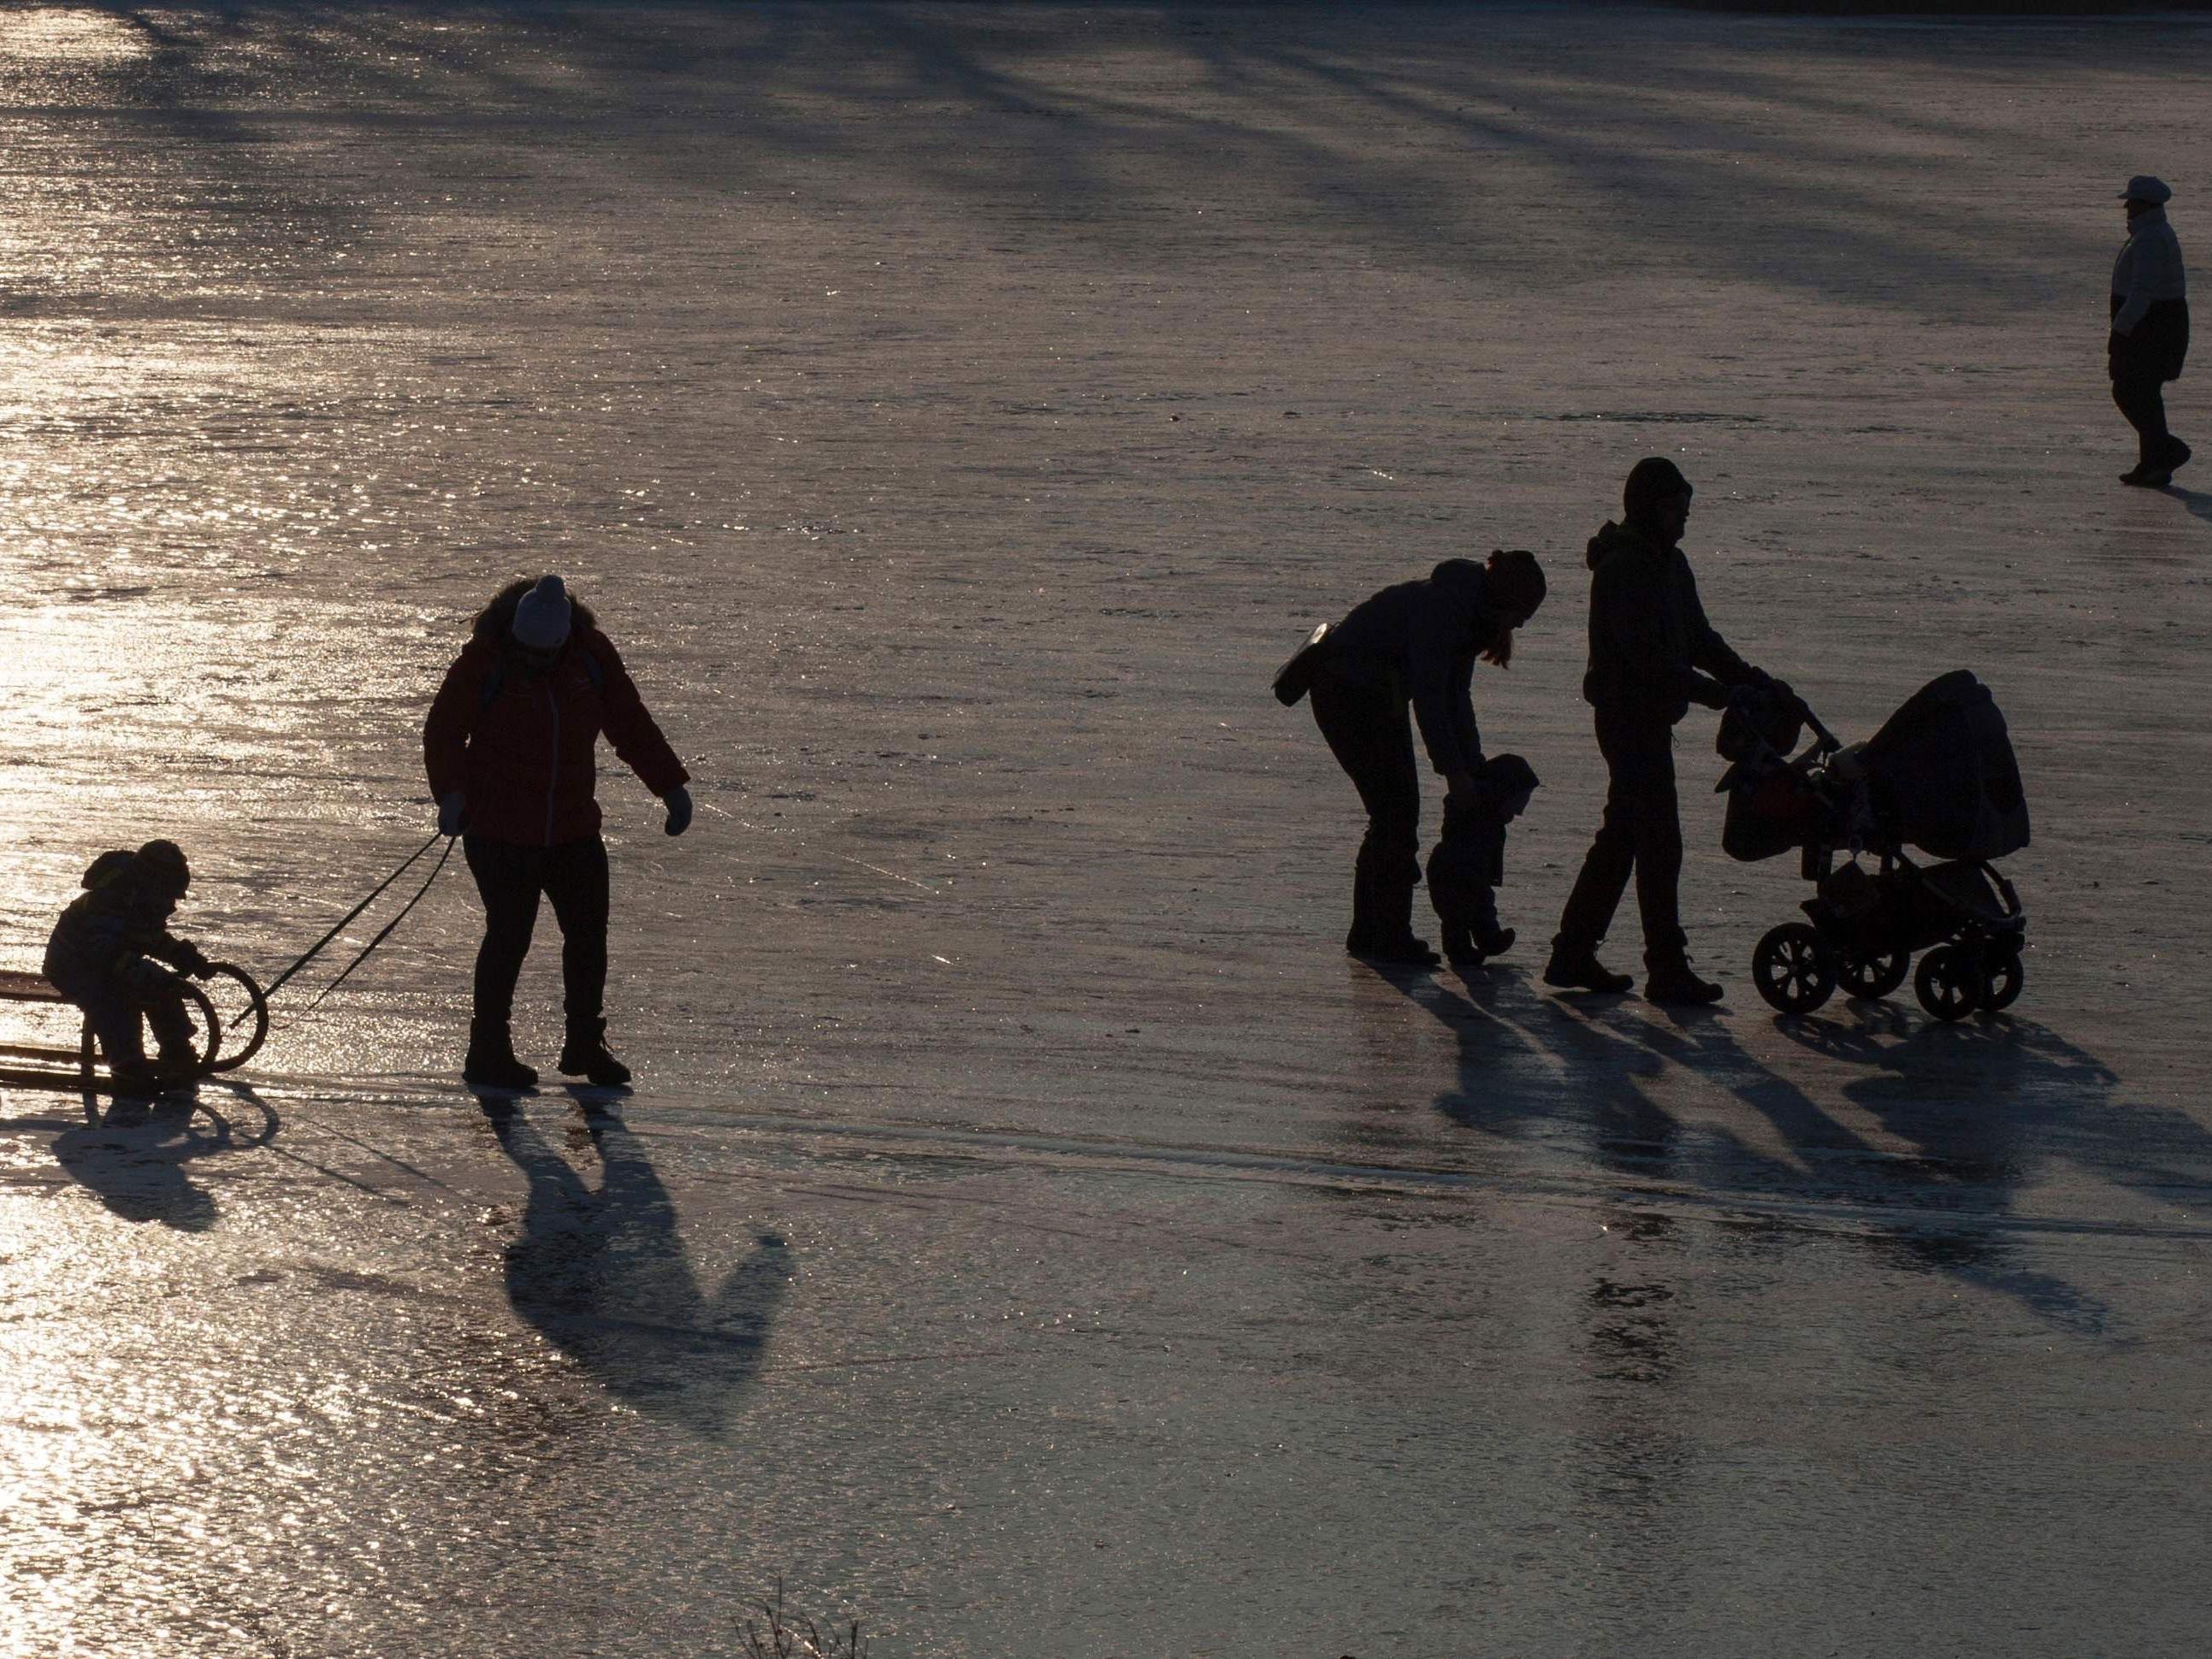 Eislaufende auf der Alten Donau - sogar mit Schlitten und Kinderwagen